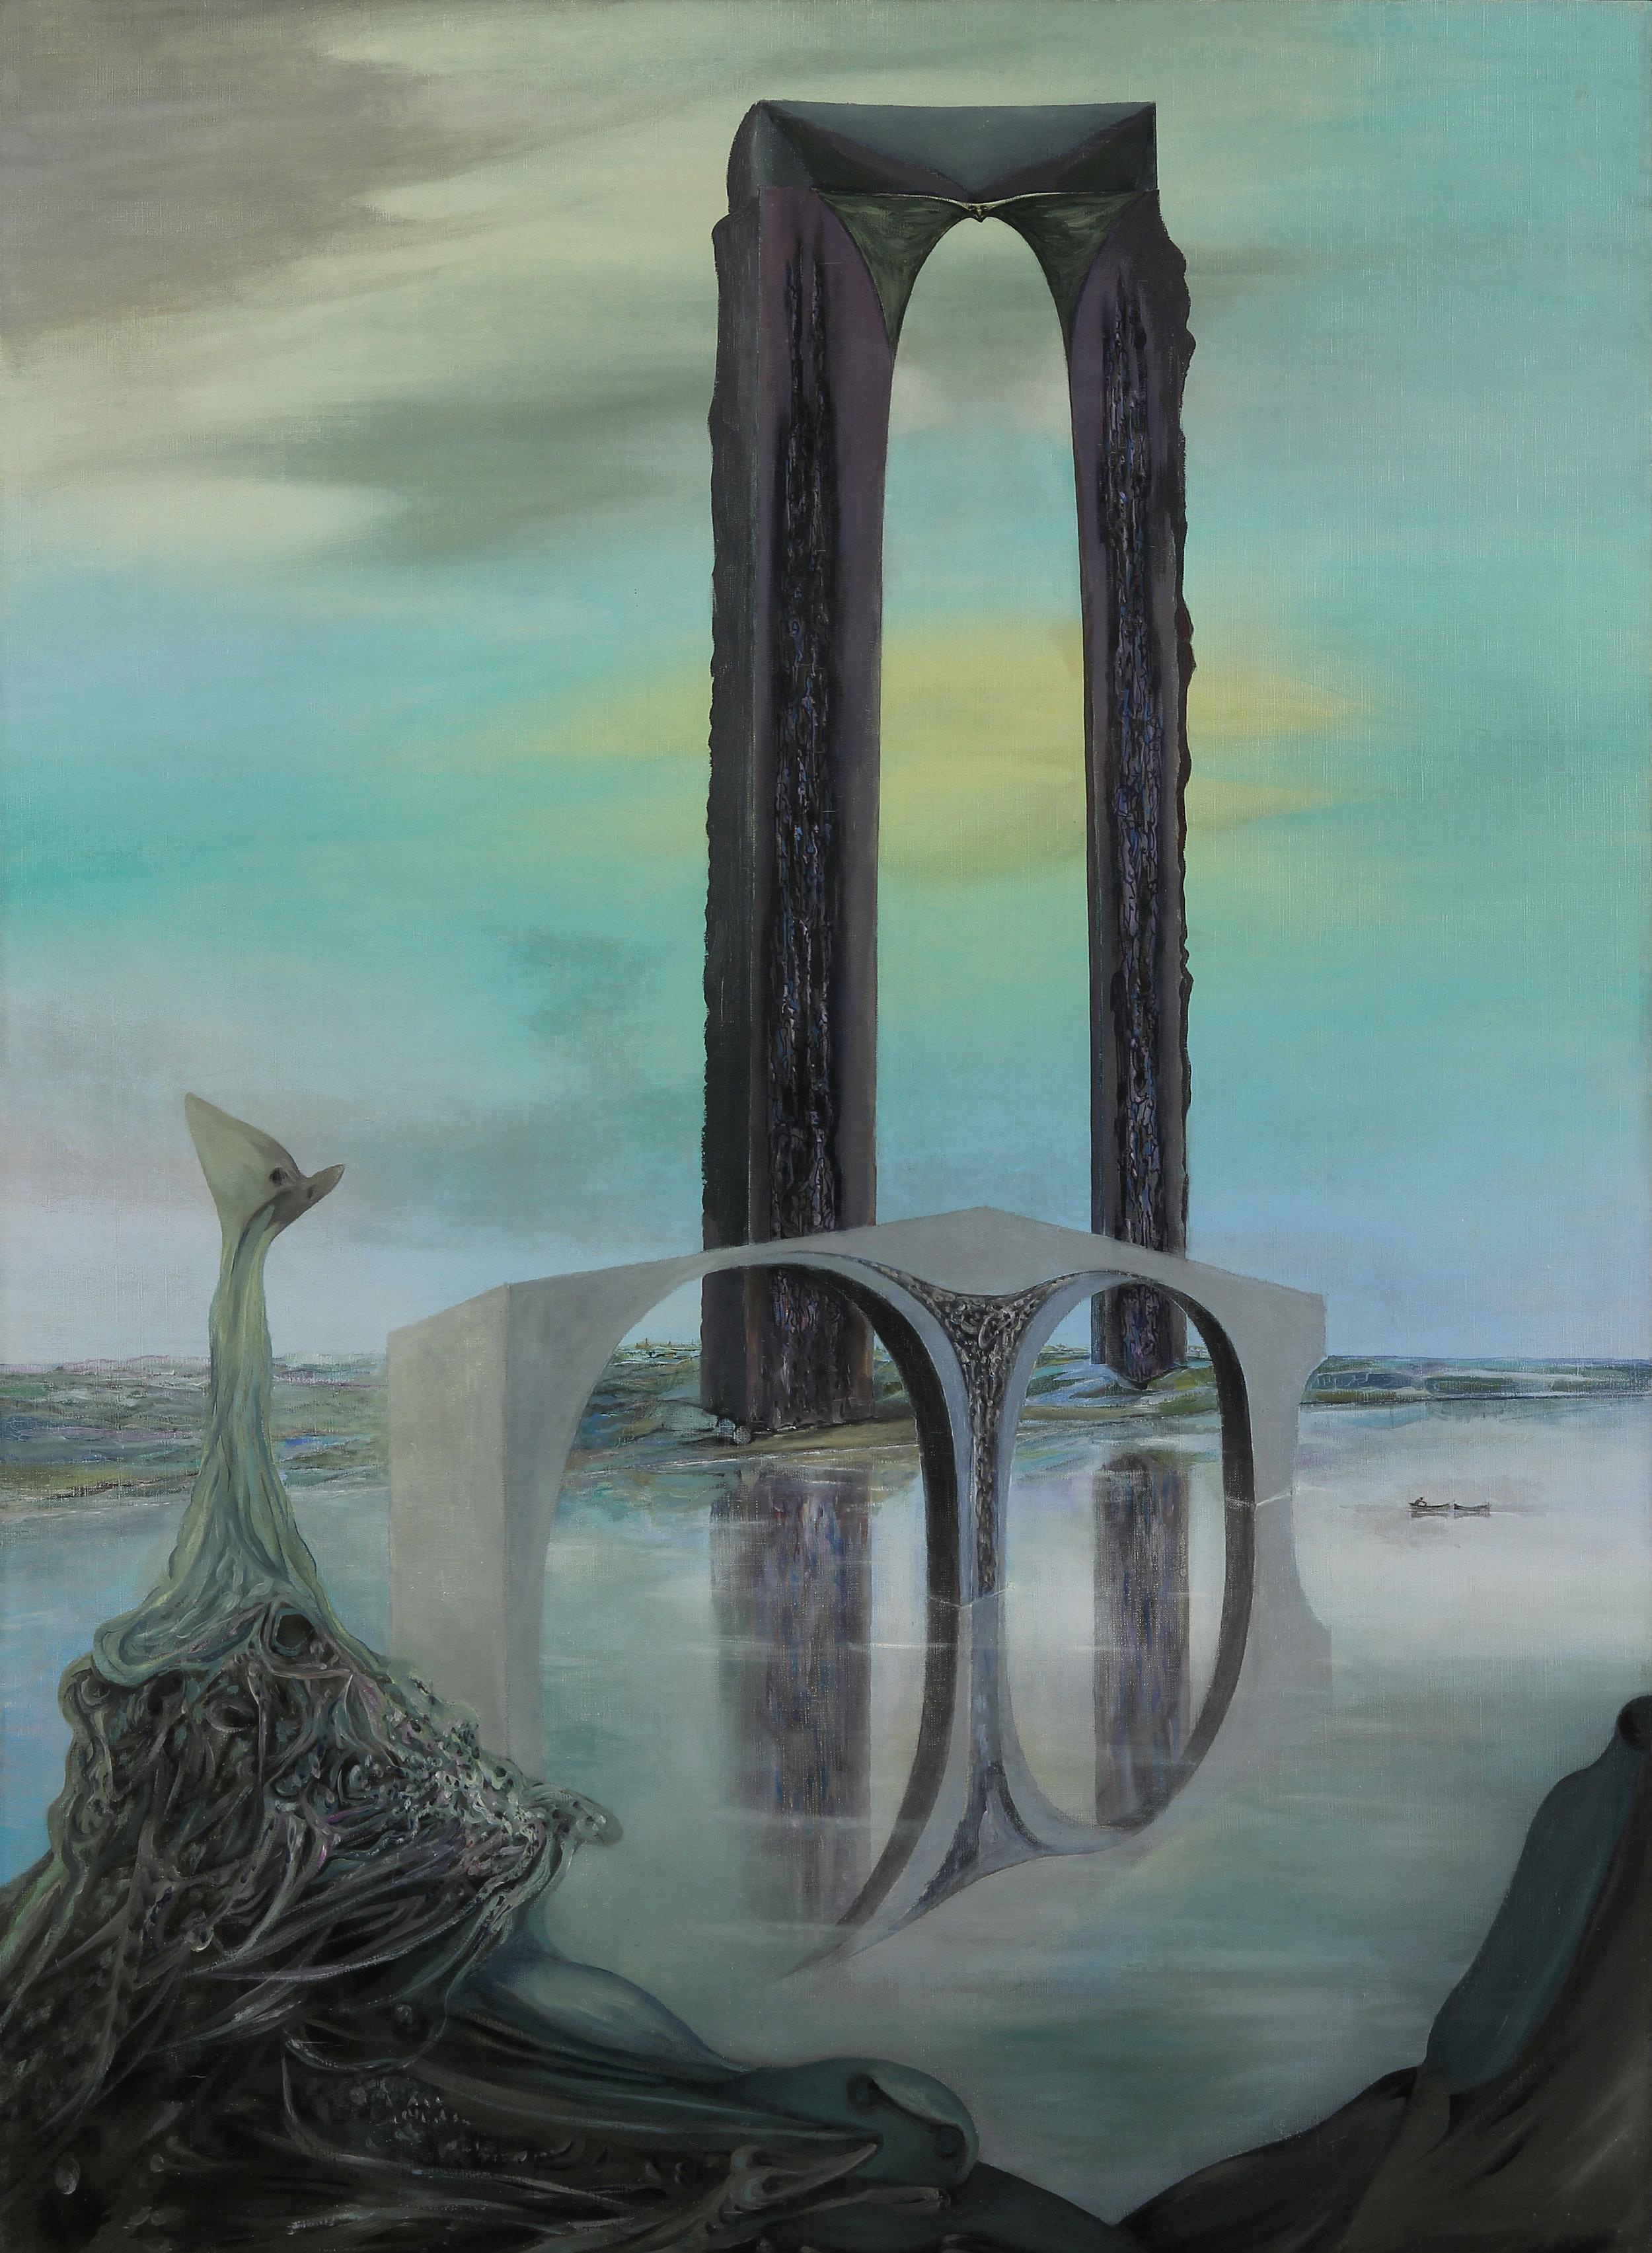 Wolfgang Paalen,  La balance – rêve interprété, vue gothique (The Balance – Interpreted Dream, Got) , 1937, oil on canvas, 39 x 28.5 inches (99 x 72.5 cm)